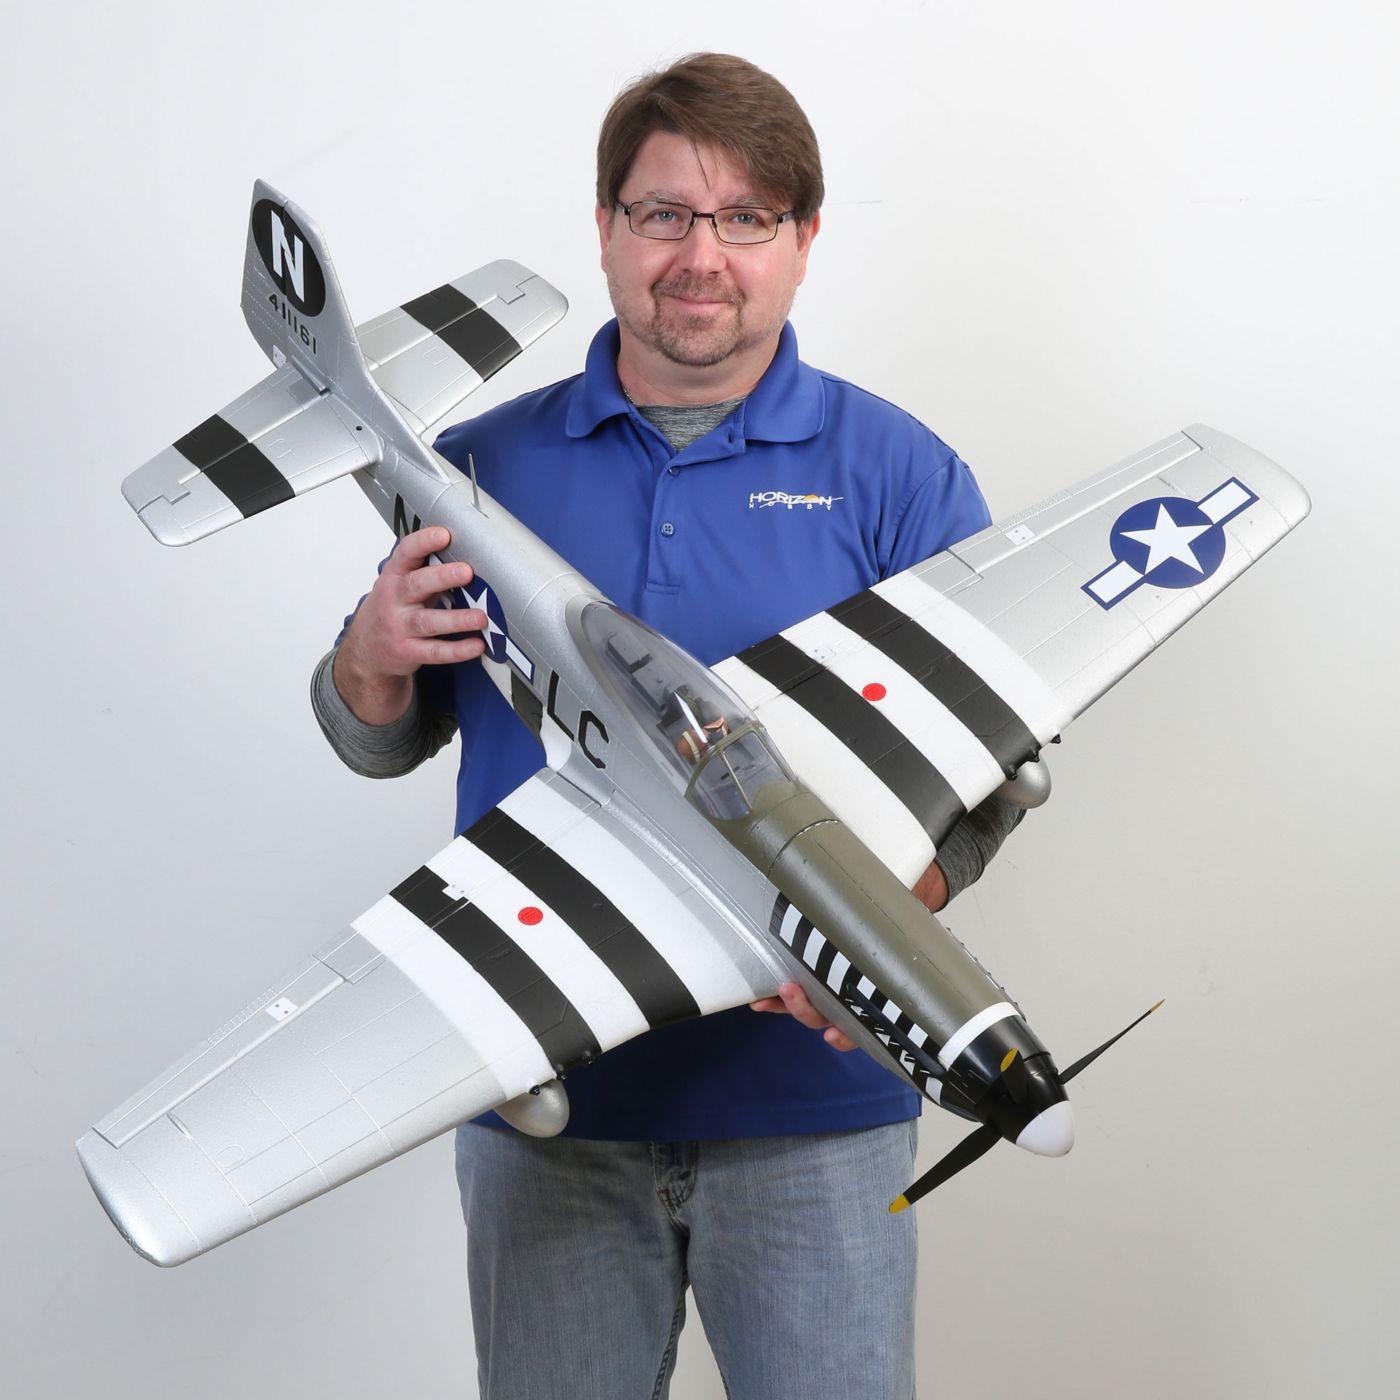 E-flite P-51d Mustang Warbird bnf basic safe 07